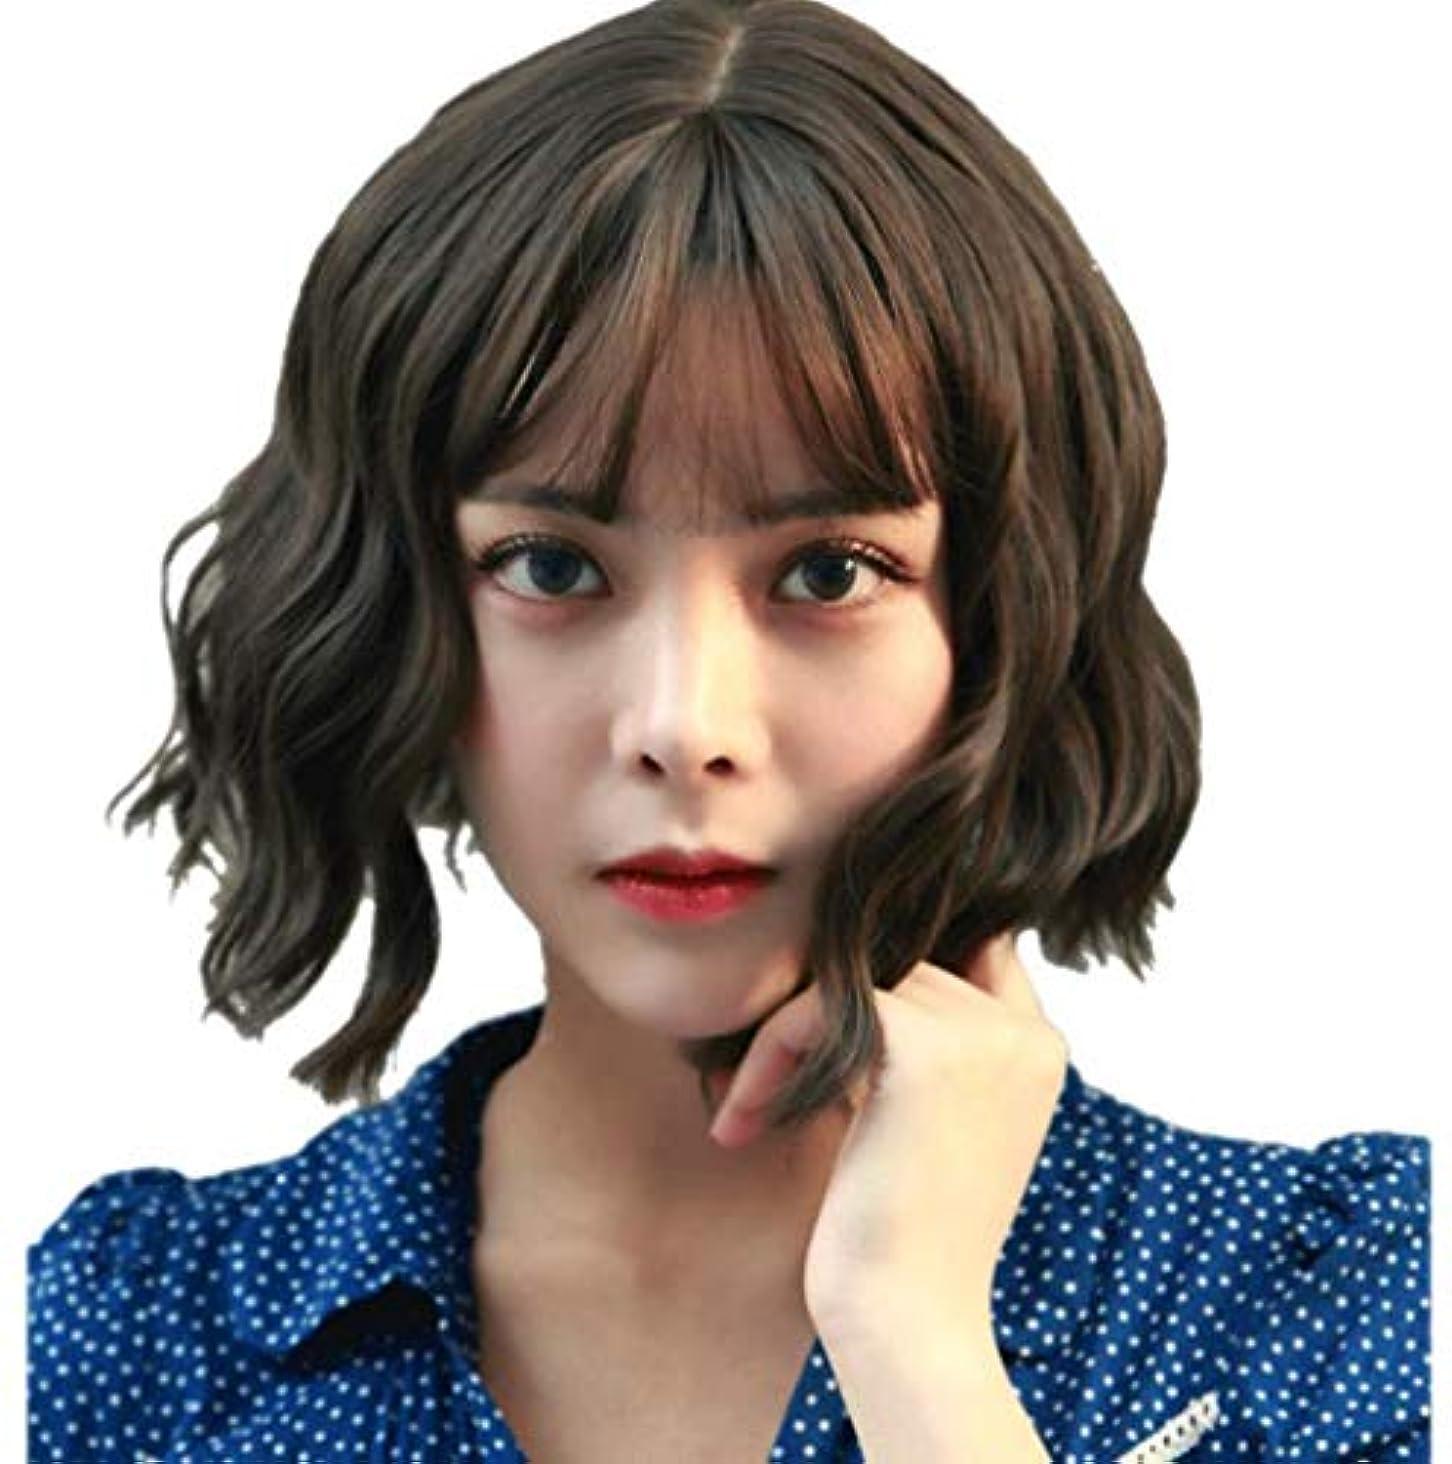 敬意を表するブランド電話ウィッグ女性のショートヘアショートカーリーヘアコーンホットウェーブヘッドバブルフェイスカーリングヘッド LH2207 (コールドブラウン)